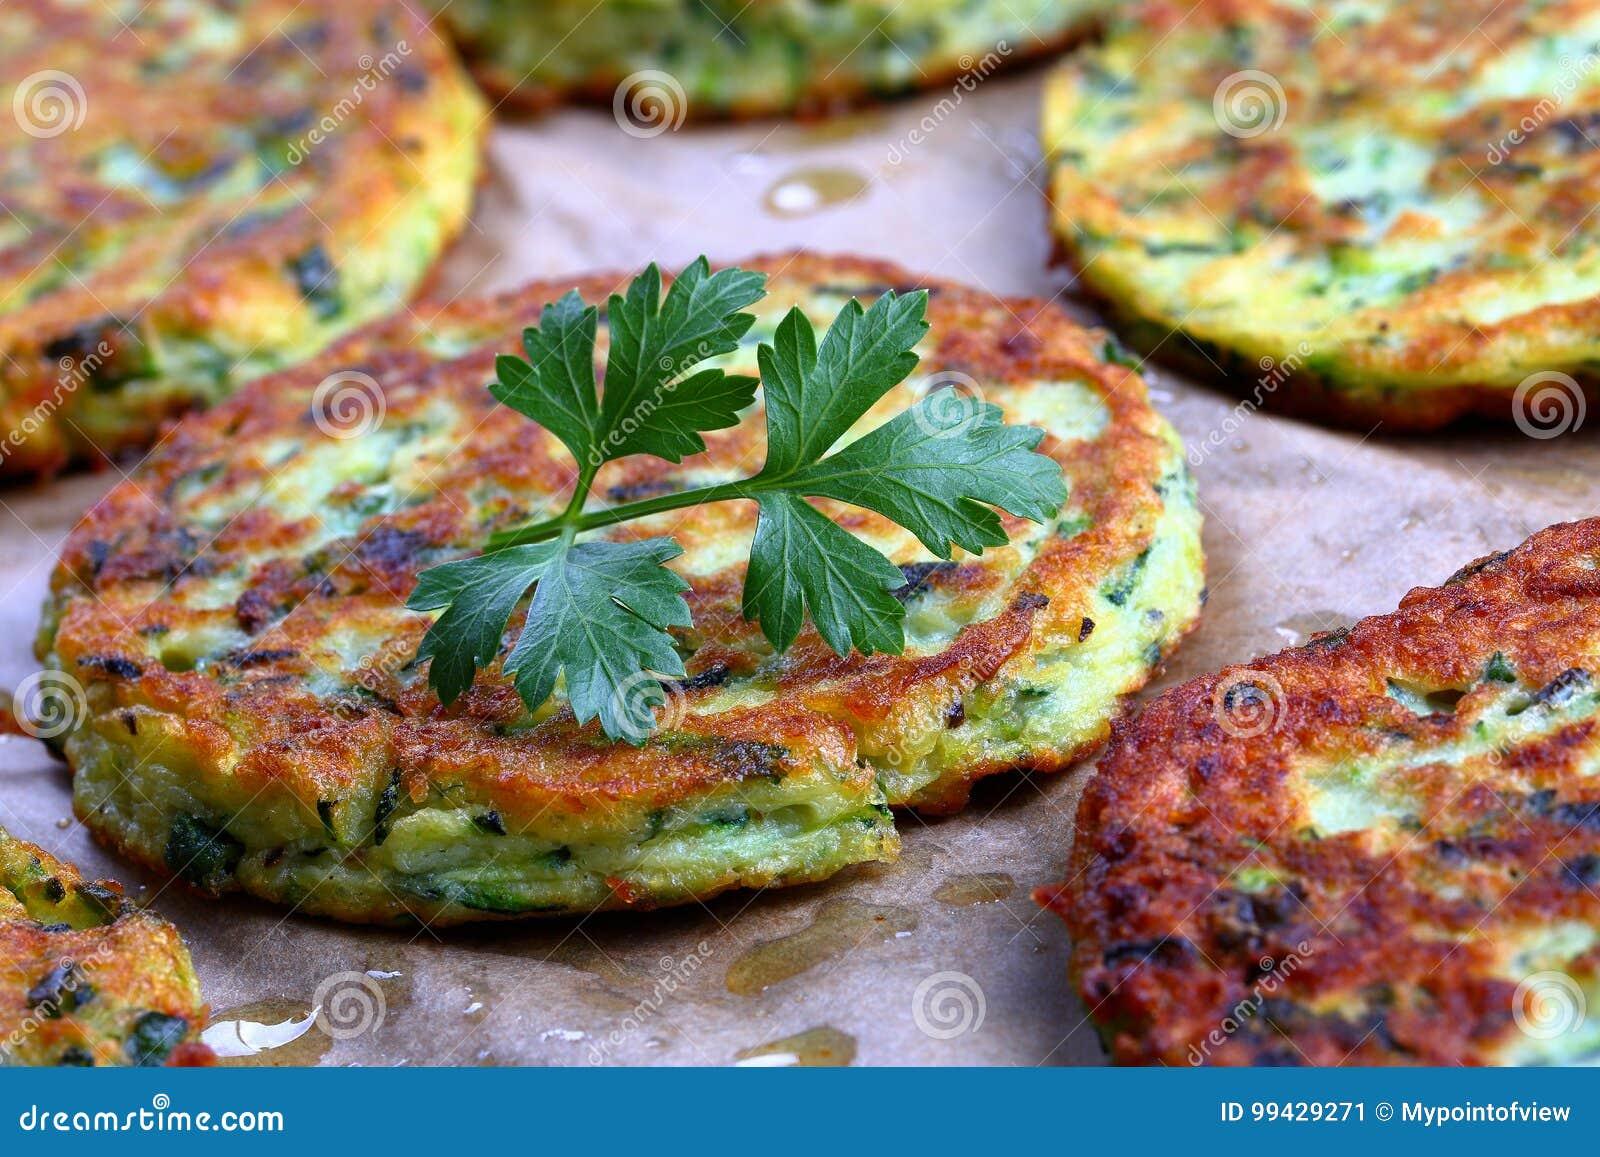 Beignet De Brocolis Au Four cuit au four en beignets de courgette de four, plan